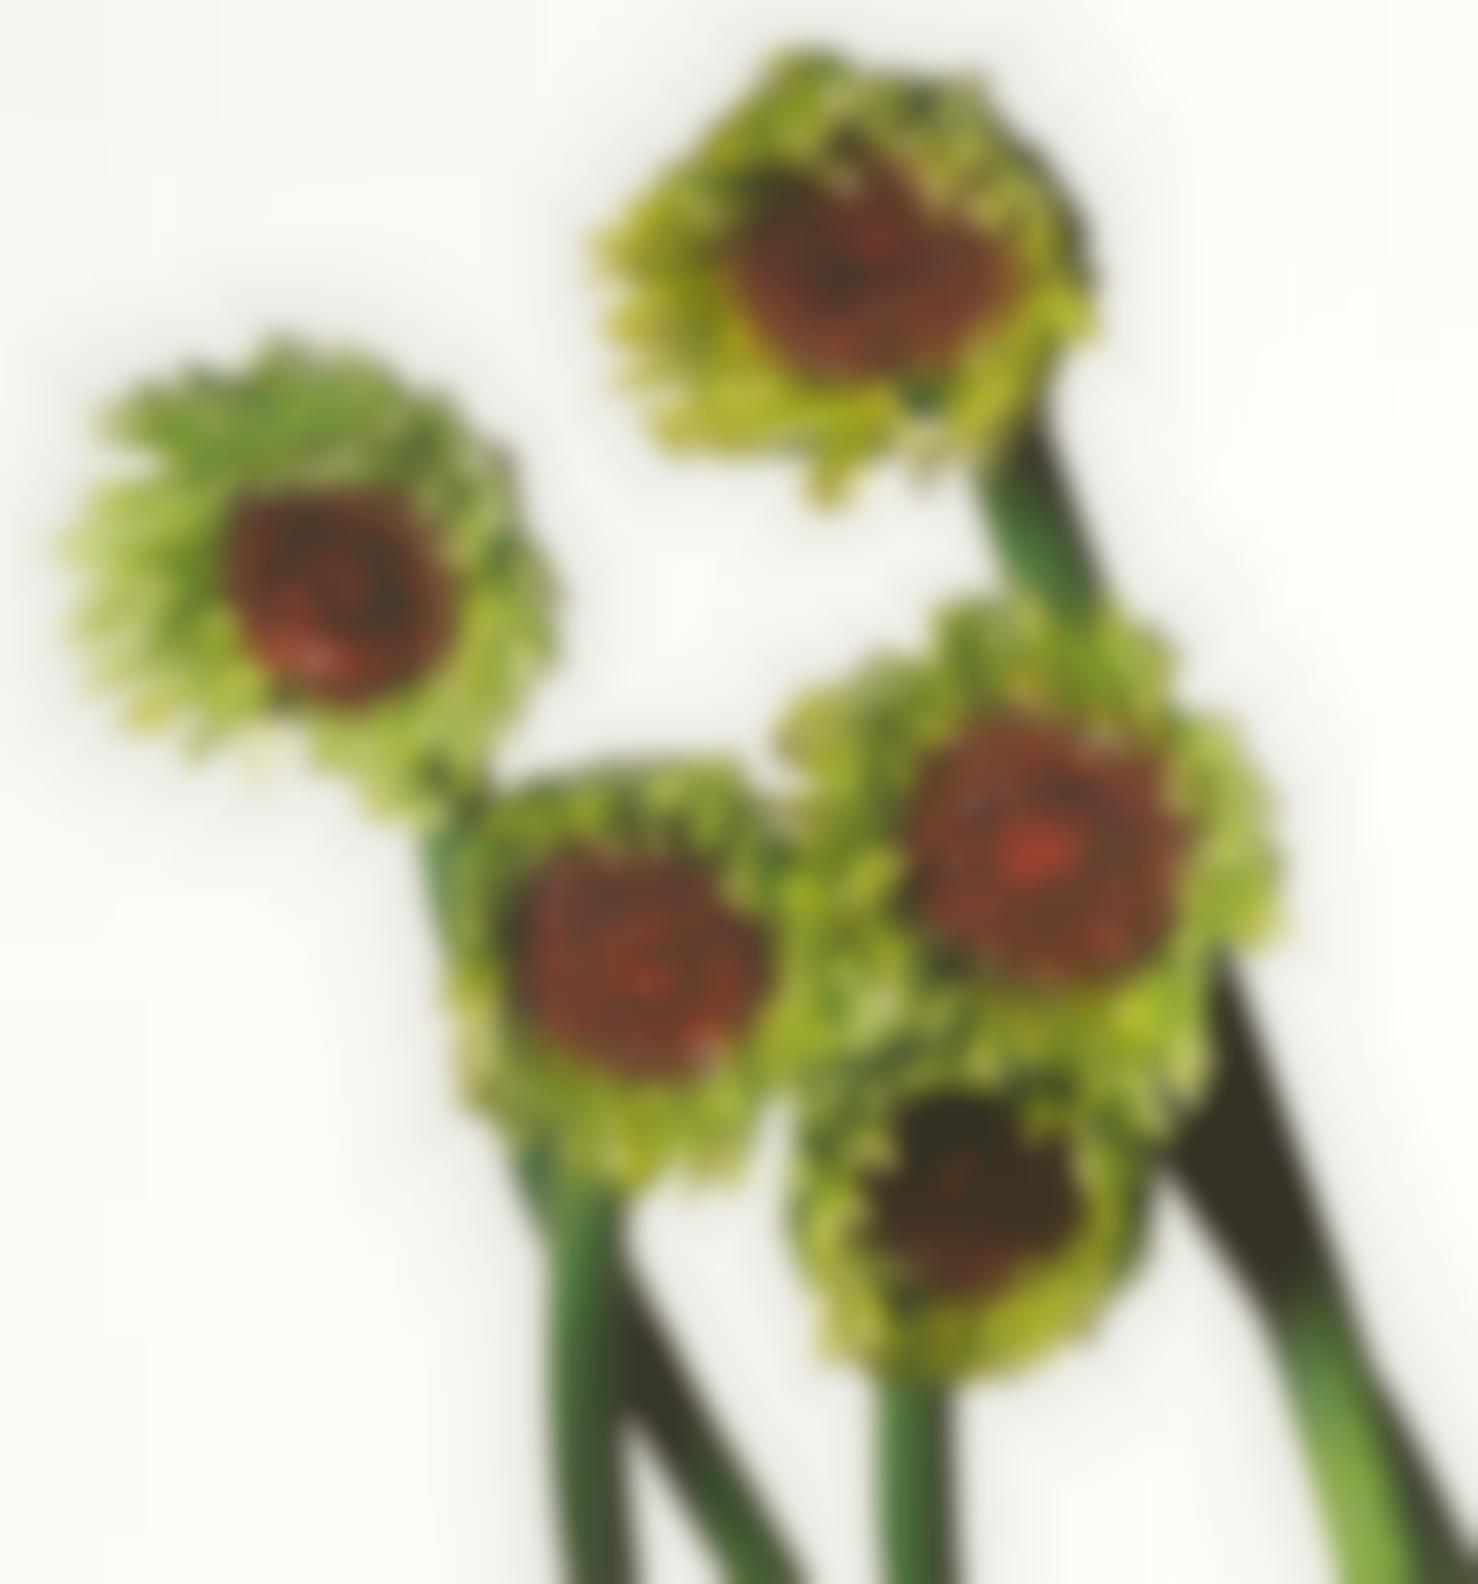 Irving Penn-Gerbera Daisy/Gerbera Asteracaea (New York, 2006)-